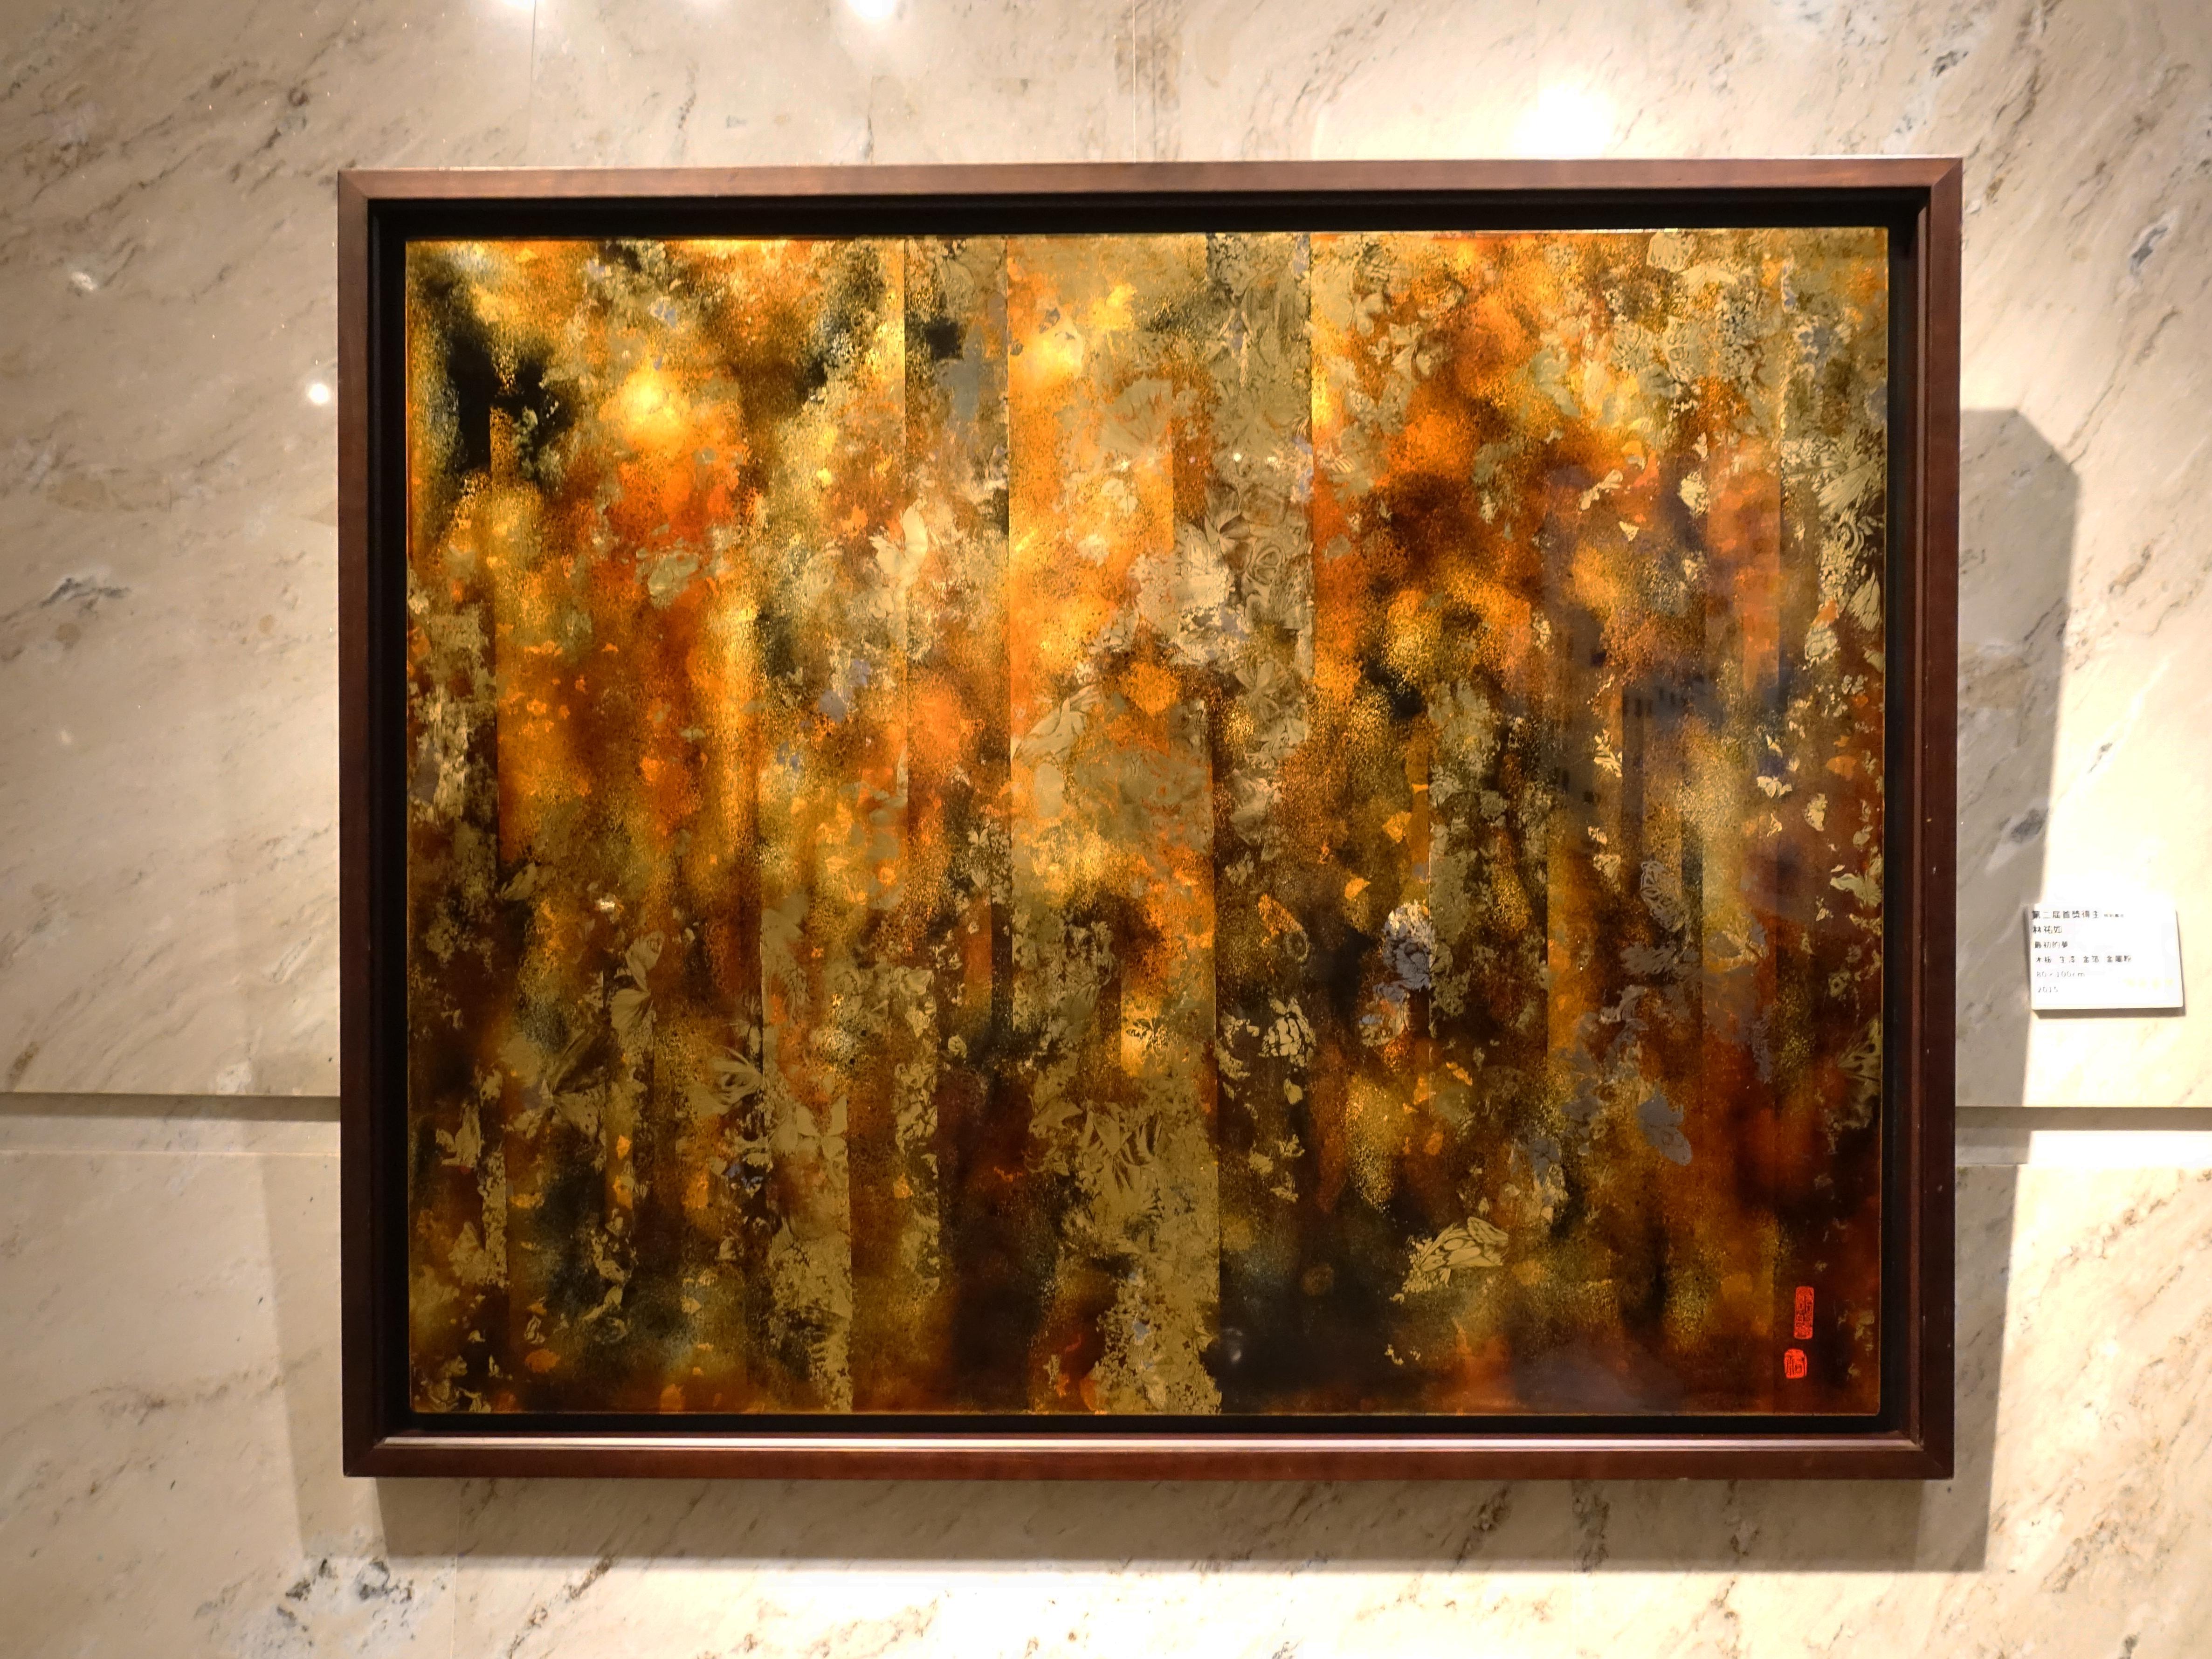 第二屆首獎得主-林祐如,《最初的夢》,木板、生漆、金箔、金屬粉,80 x 100 cm,2015。